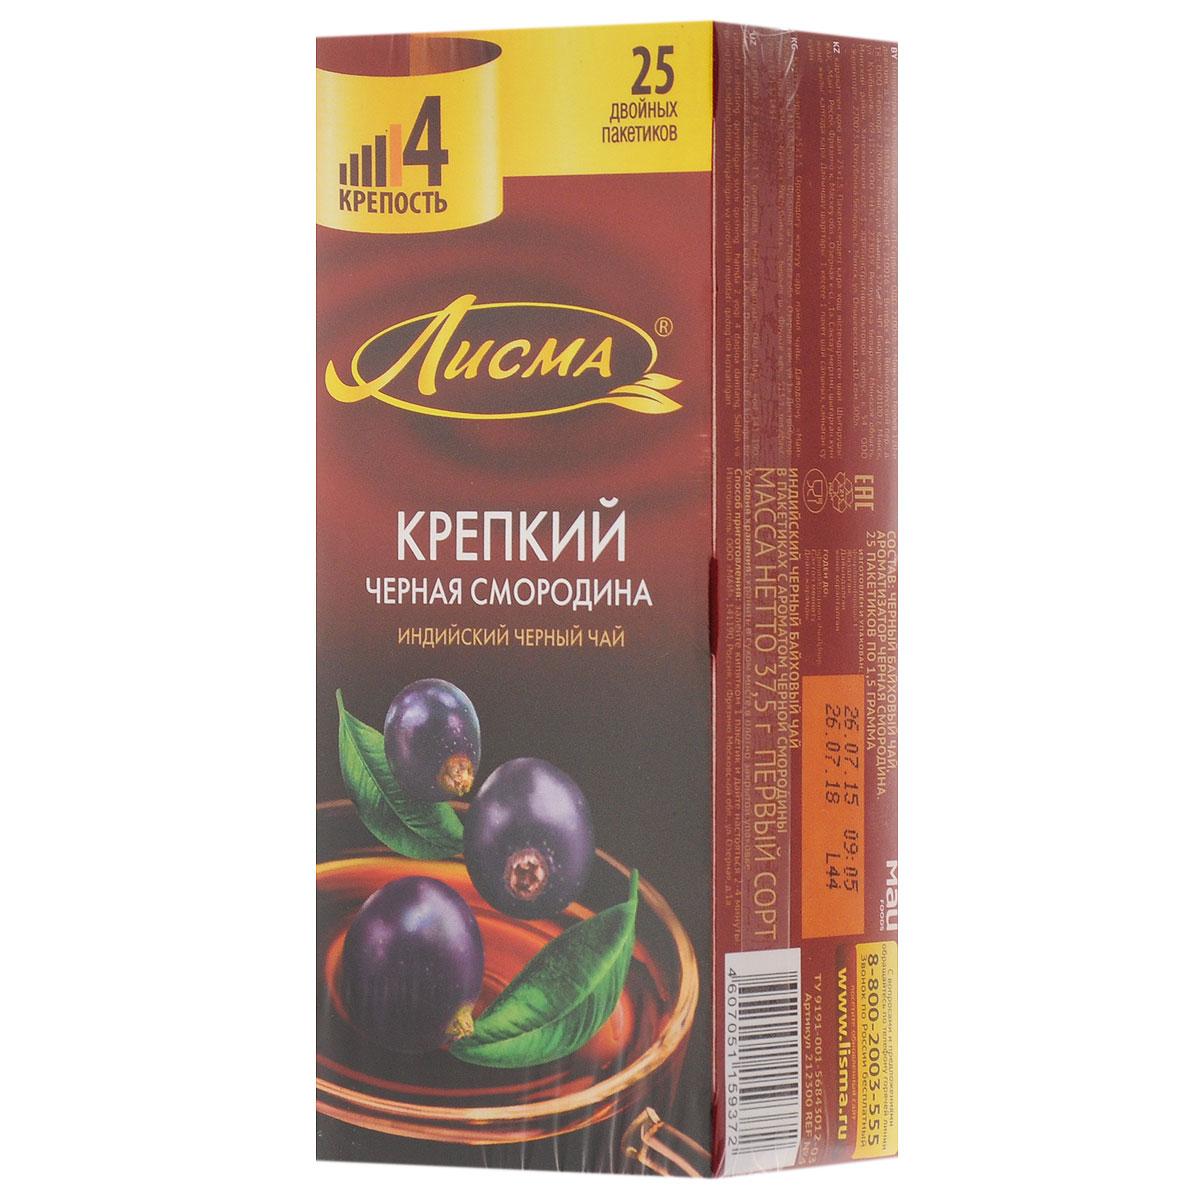 Лисма Крепкий Черная смородина черный чай в пакетиках, 25 шт212300Лисма Крепкий Черная смородина - индийский черный байховый чай в пакетиках с ароматом черной смородины.